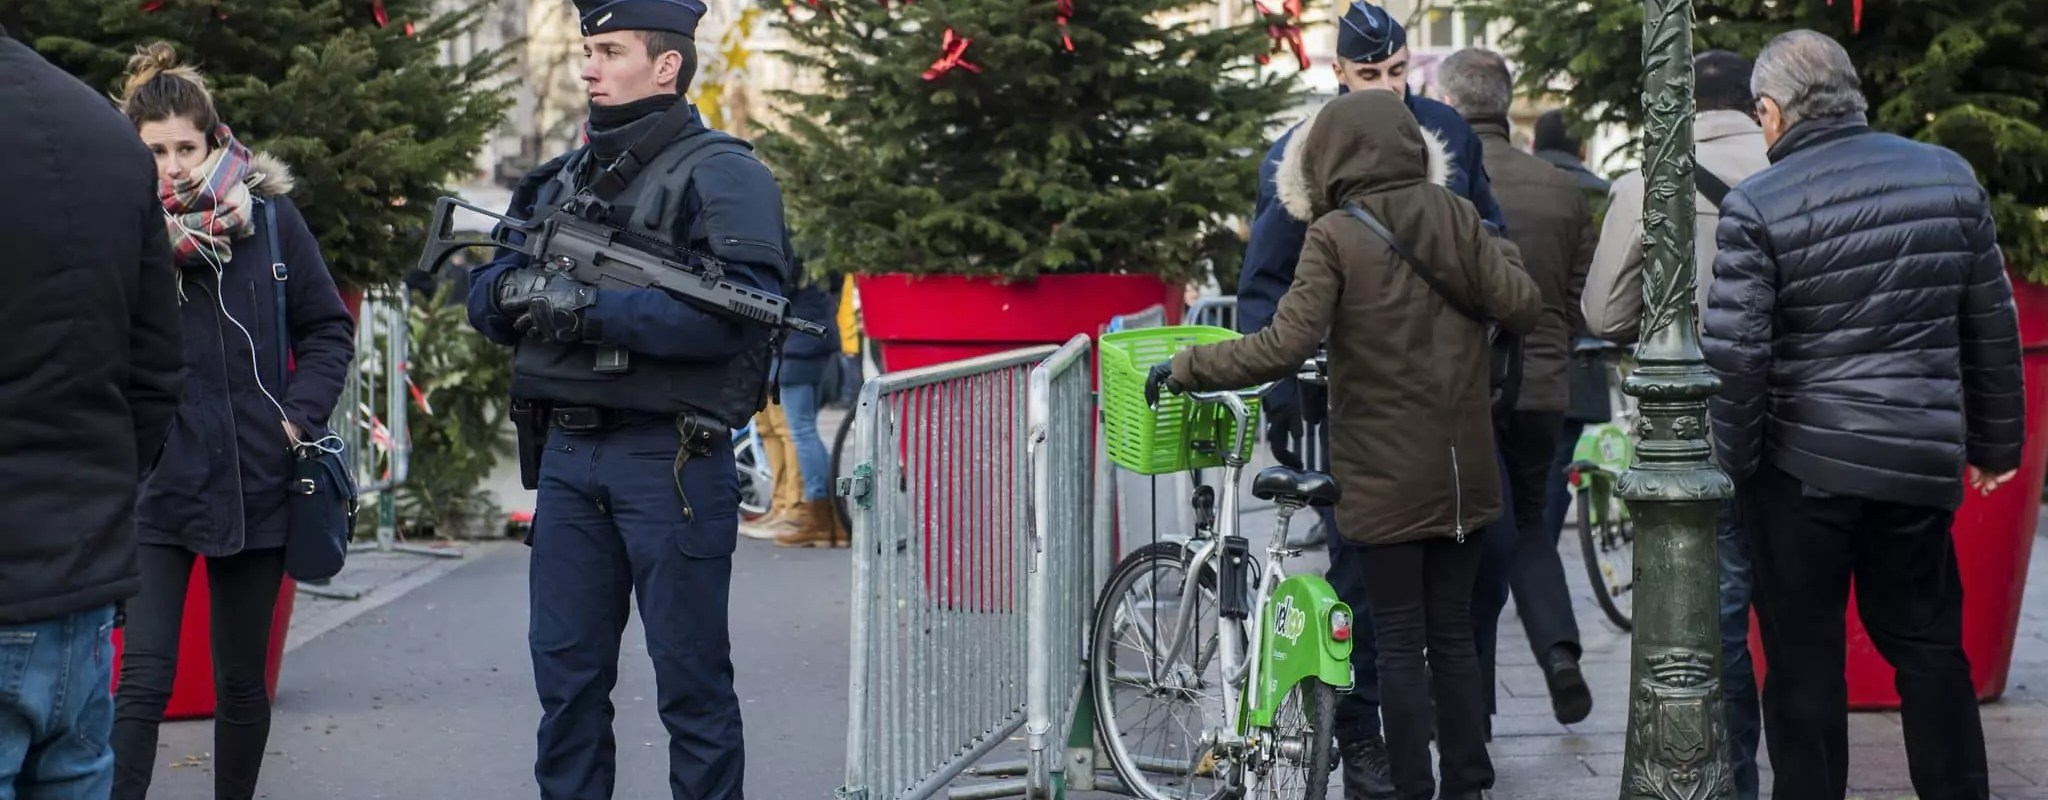 Marché de Noël: les fermes exigences sécuritaires de la préfète